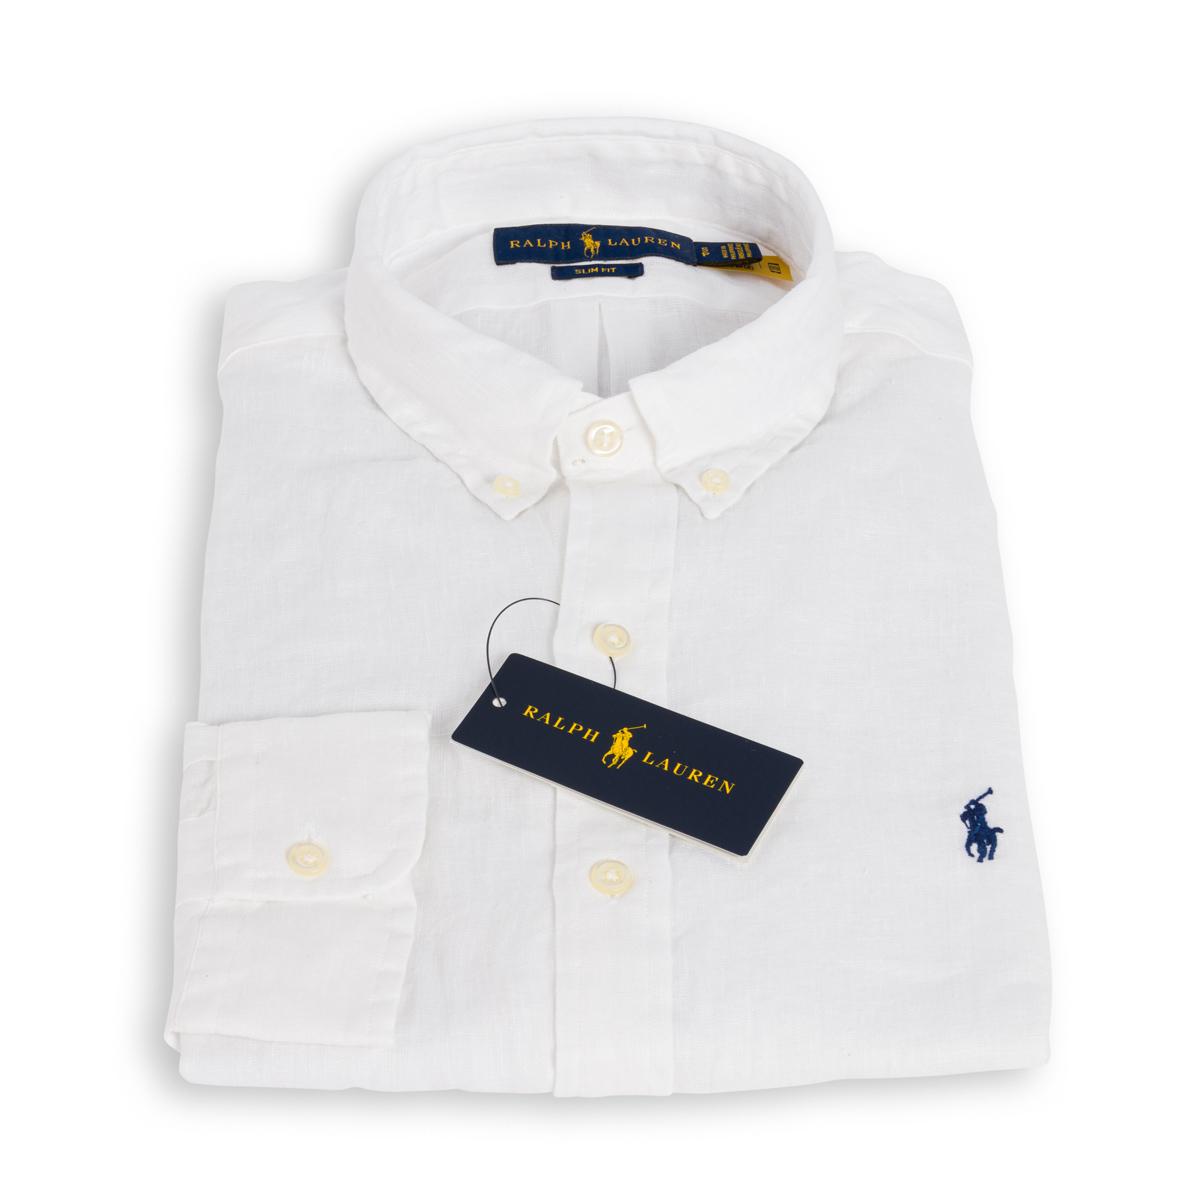 Camicia Polo Ralph Lauren Lino Bianco